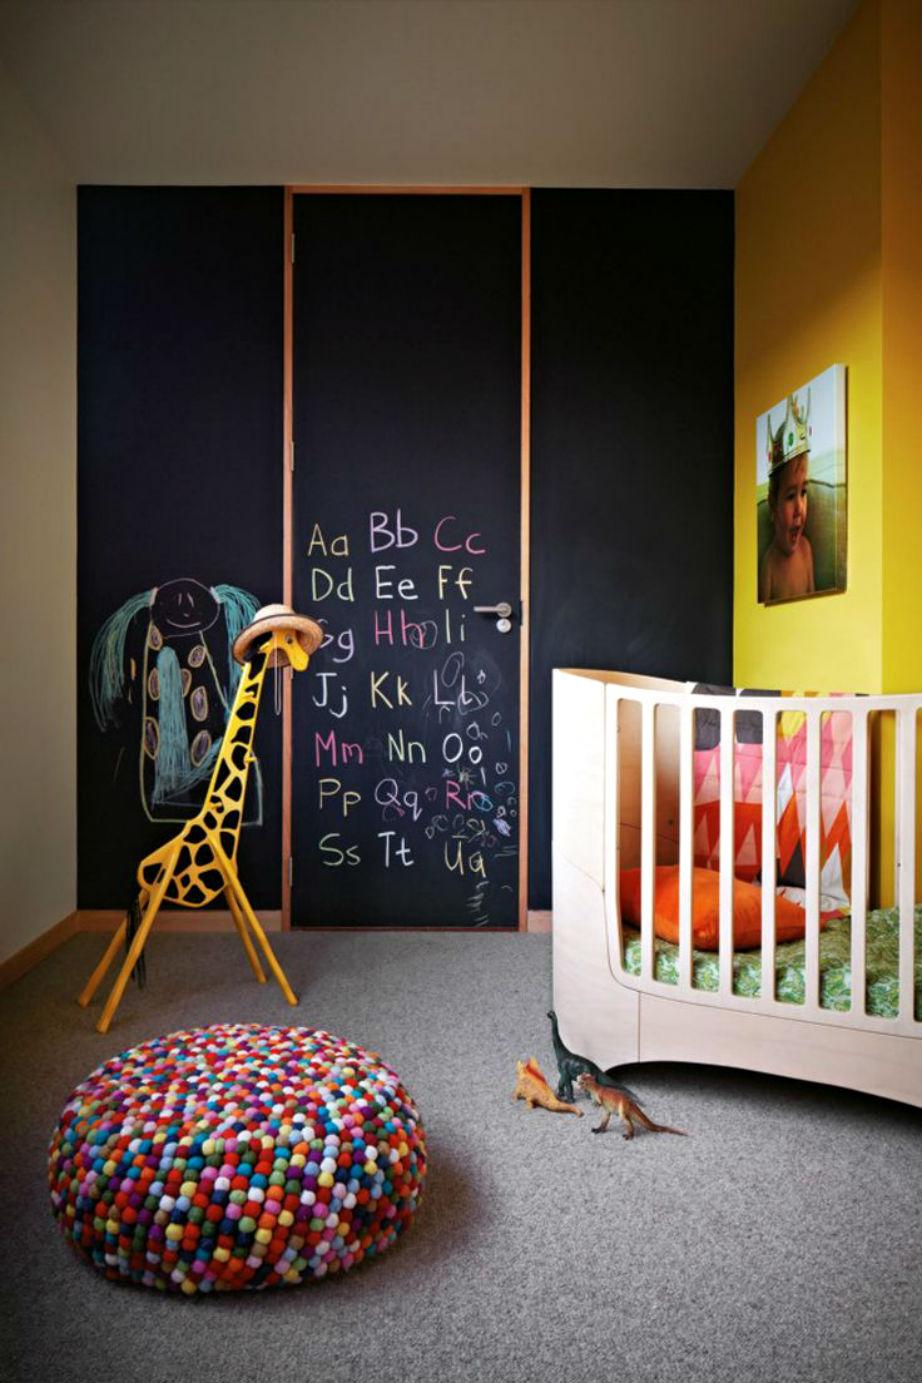 Συνδυασμένος με έντονα χρώματα, ο μαυροπίνακας είναι ιδανικός για ένα ξεχωριστό παιδικό υπνοδωμάτιο.